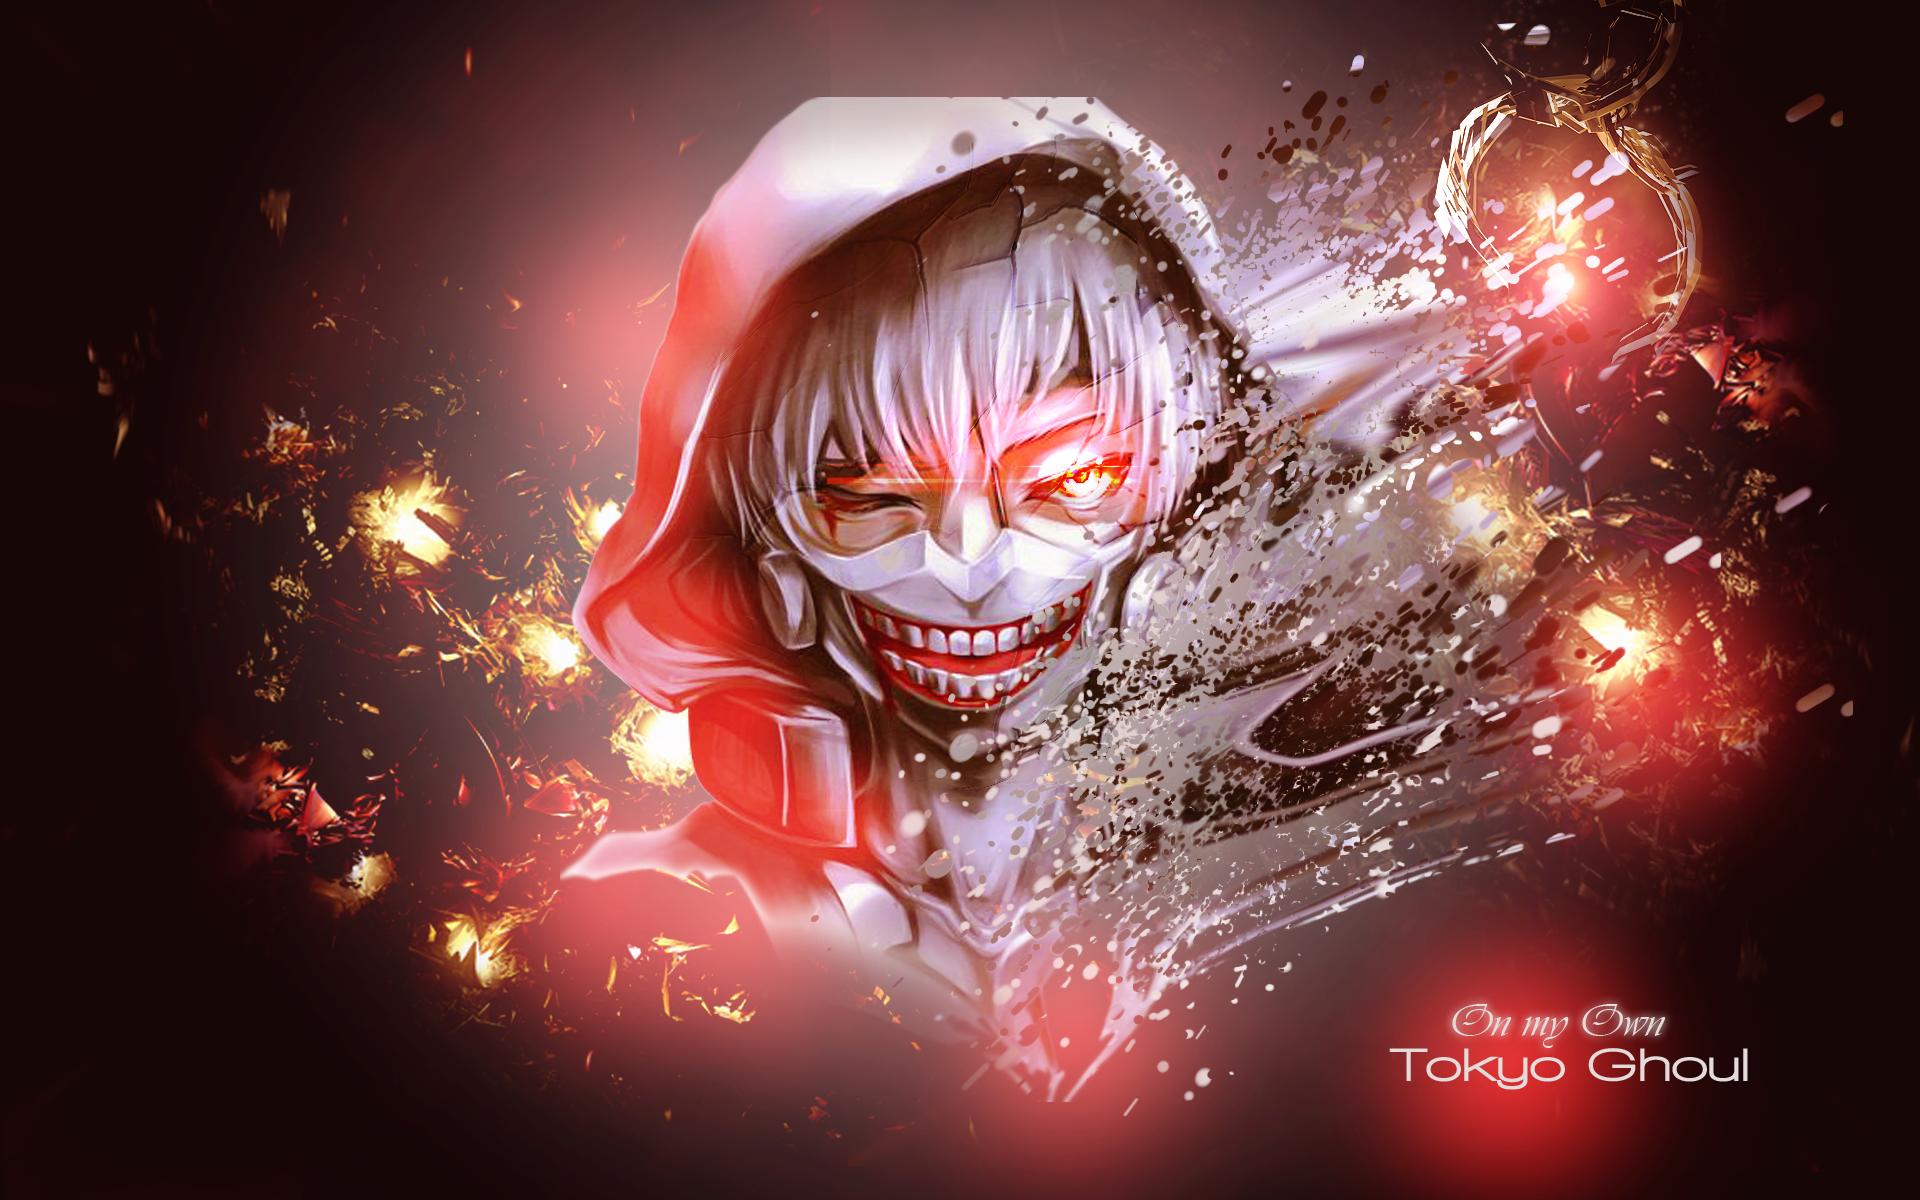 Hood Ken Kaneki Mask Red Eyes Teeth Tokyo Ghoul 1920x1200